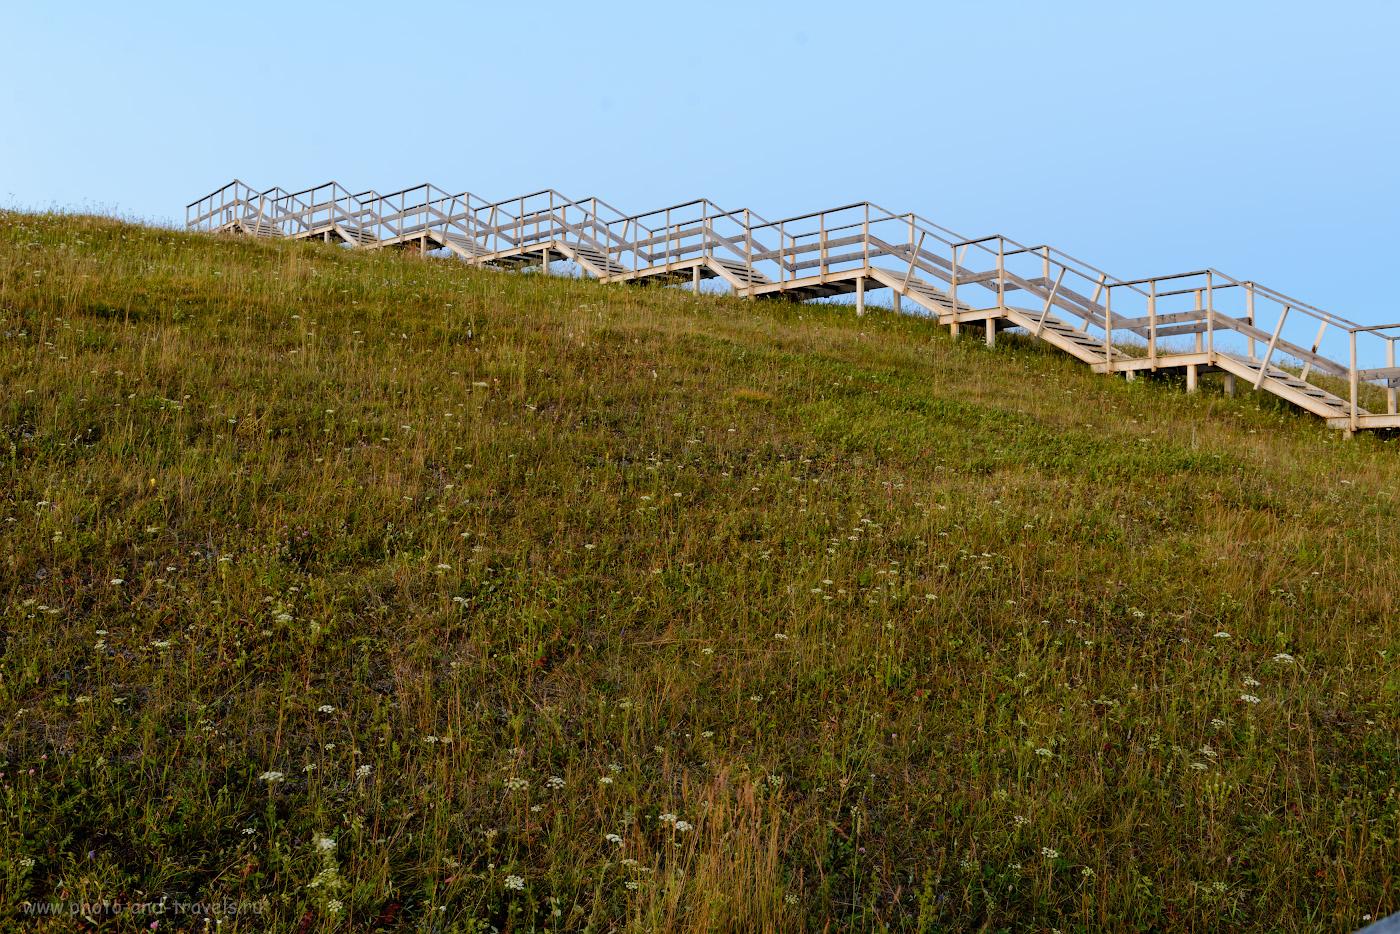 Фото 35. Лестница к смотровой площадке на Аракаевской скале. 4 сек., f/8/0, 100, +1.0, 35.